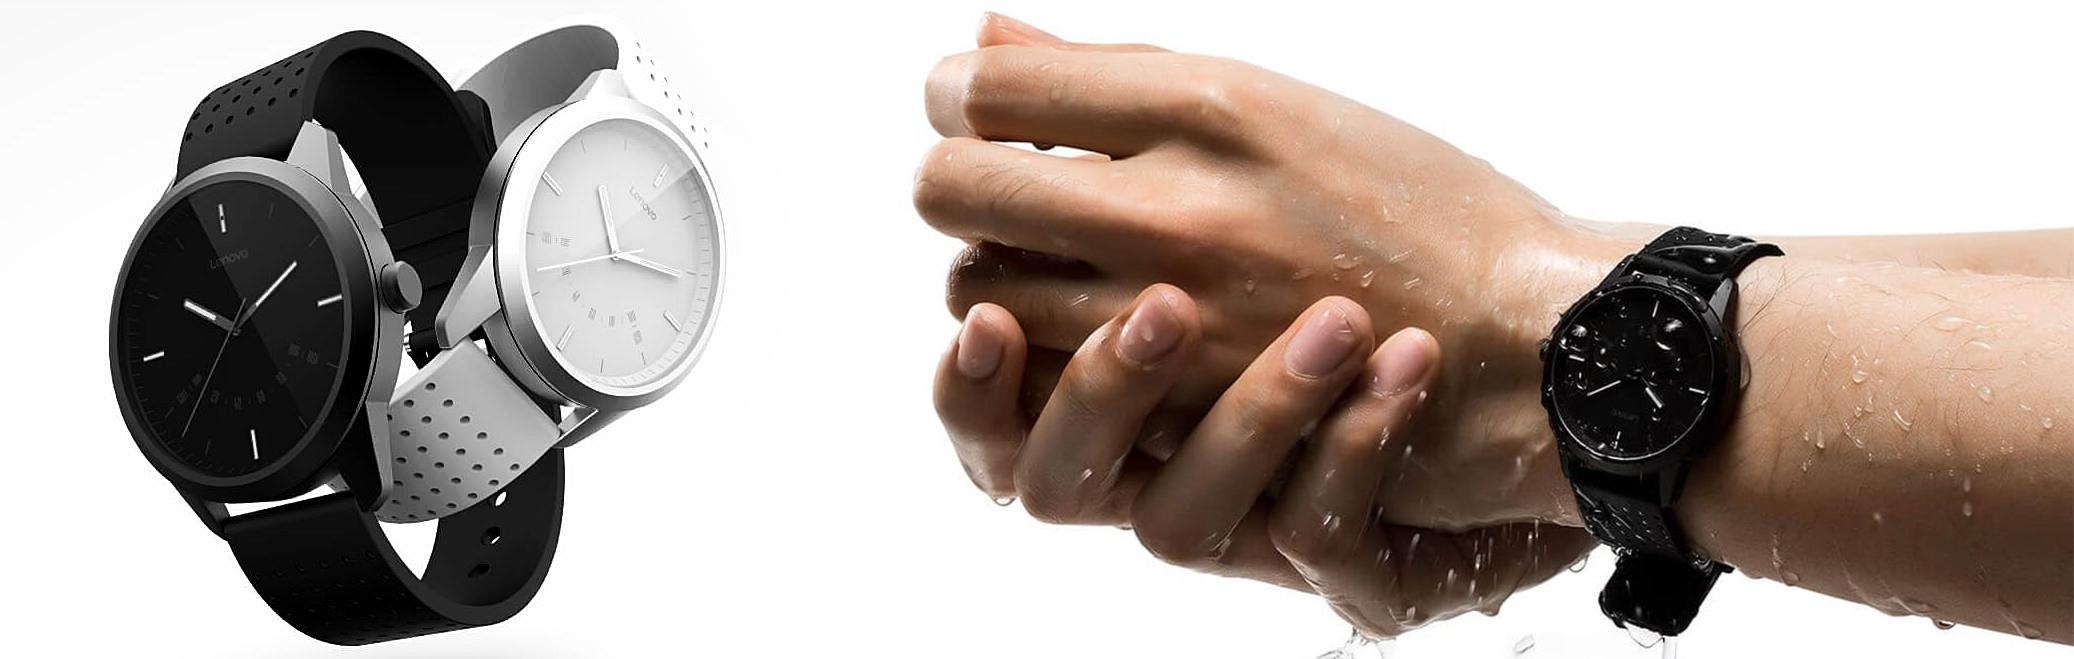 Новые умные часы Lenovo Watch 9 с ценой в районе .